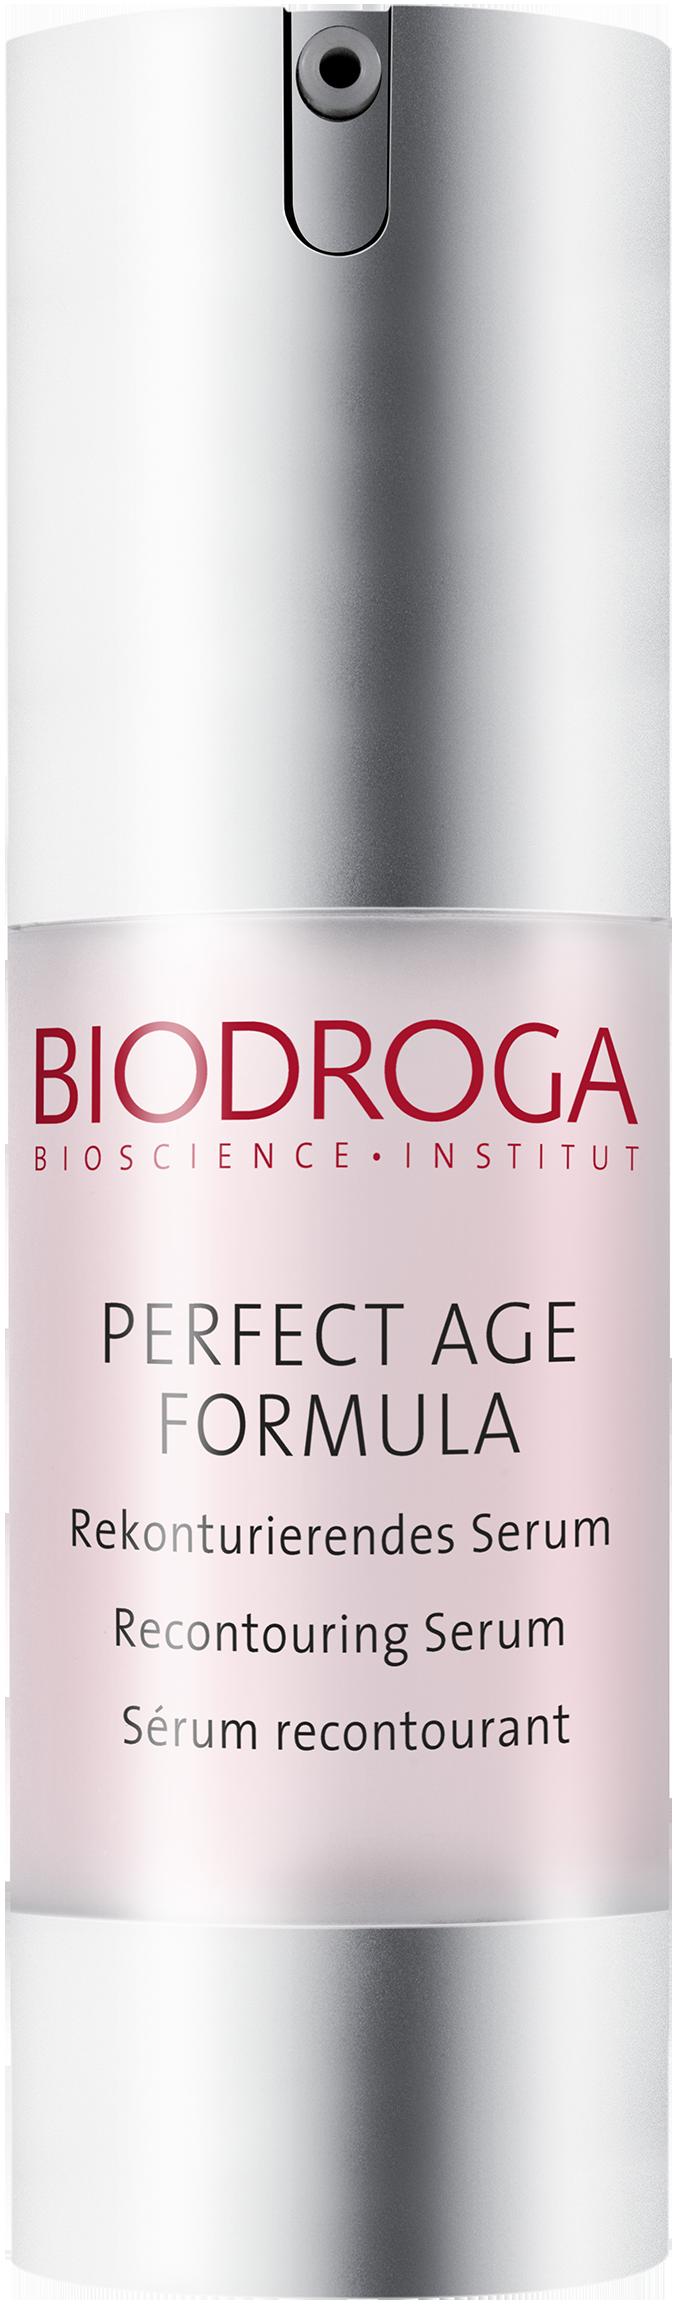 Biodroga Rekonturierendes Anti Age Serum